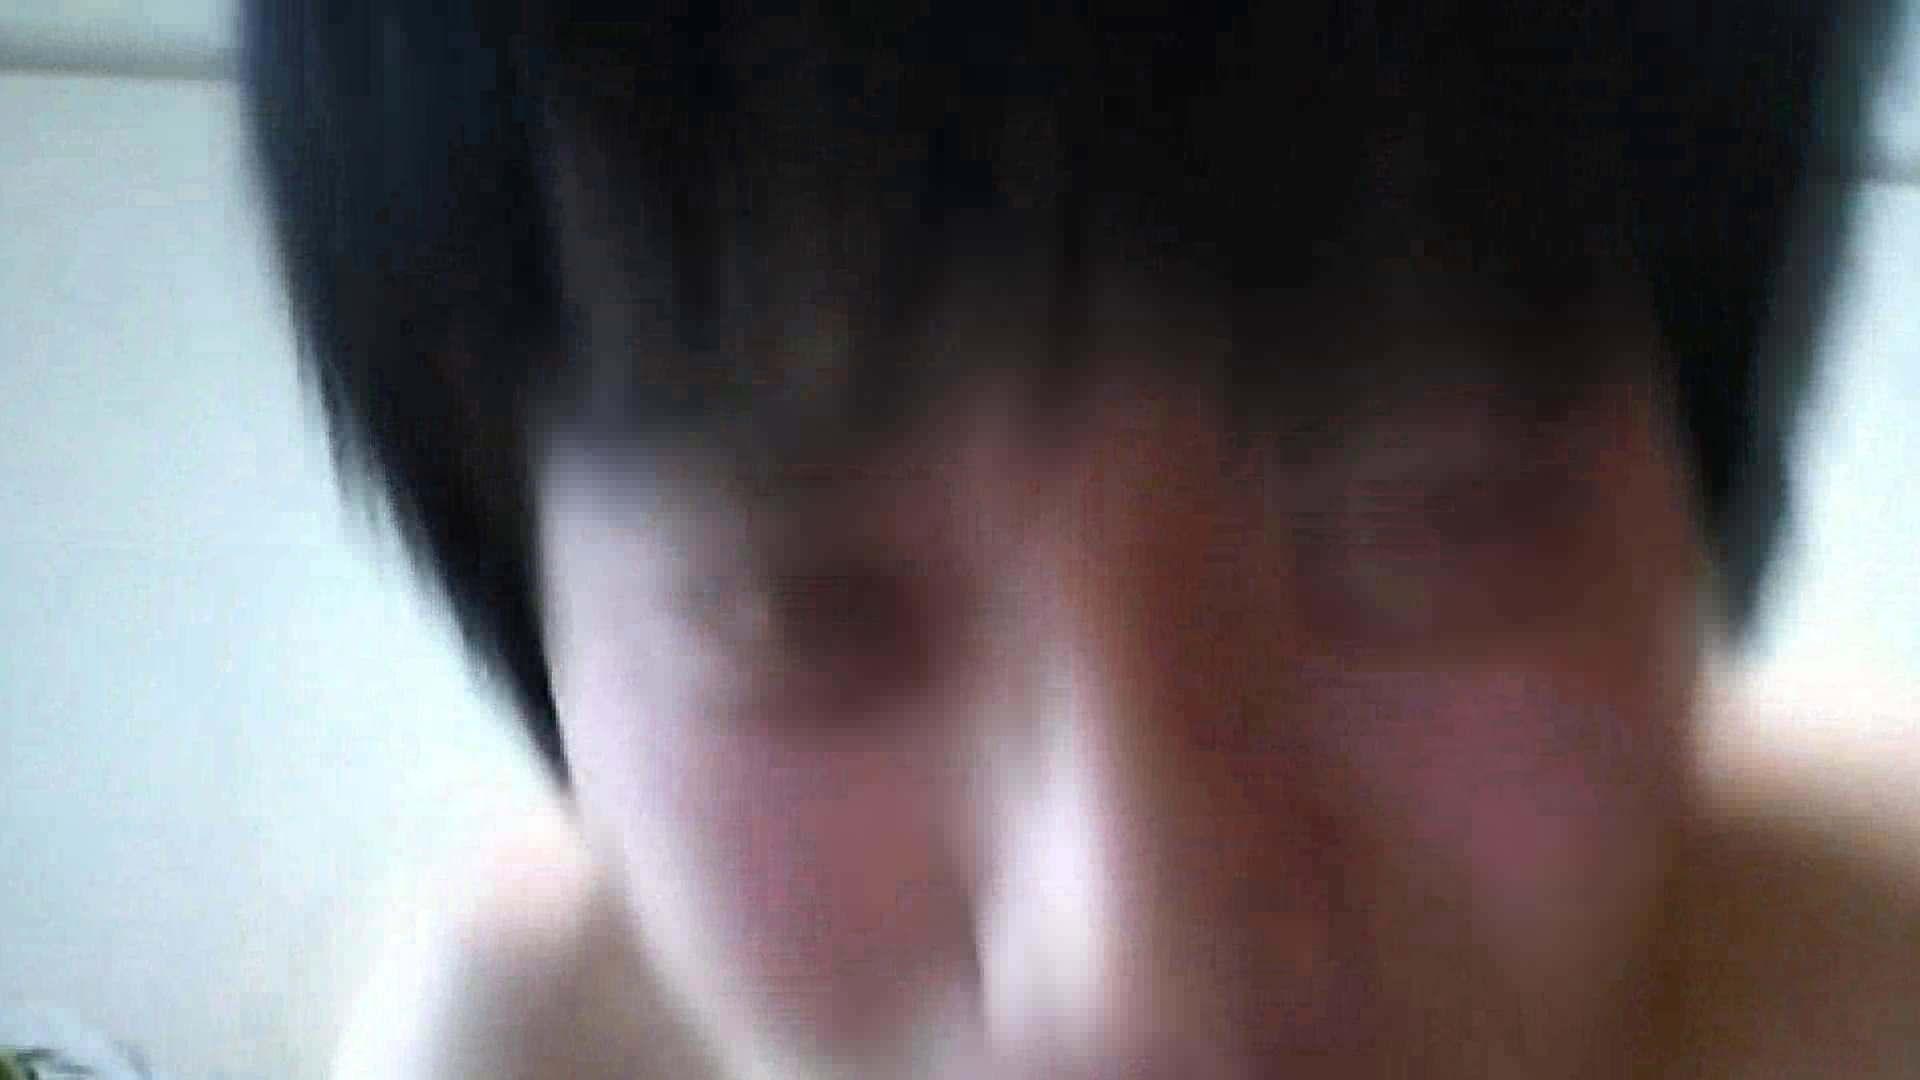 しごくっ!オナFile05 スリム美少年系ジャニ系 | フェチ色々  103pic 42